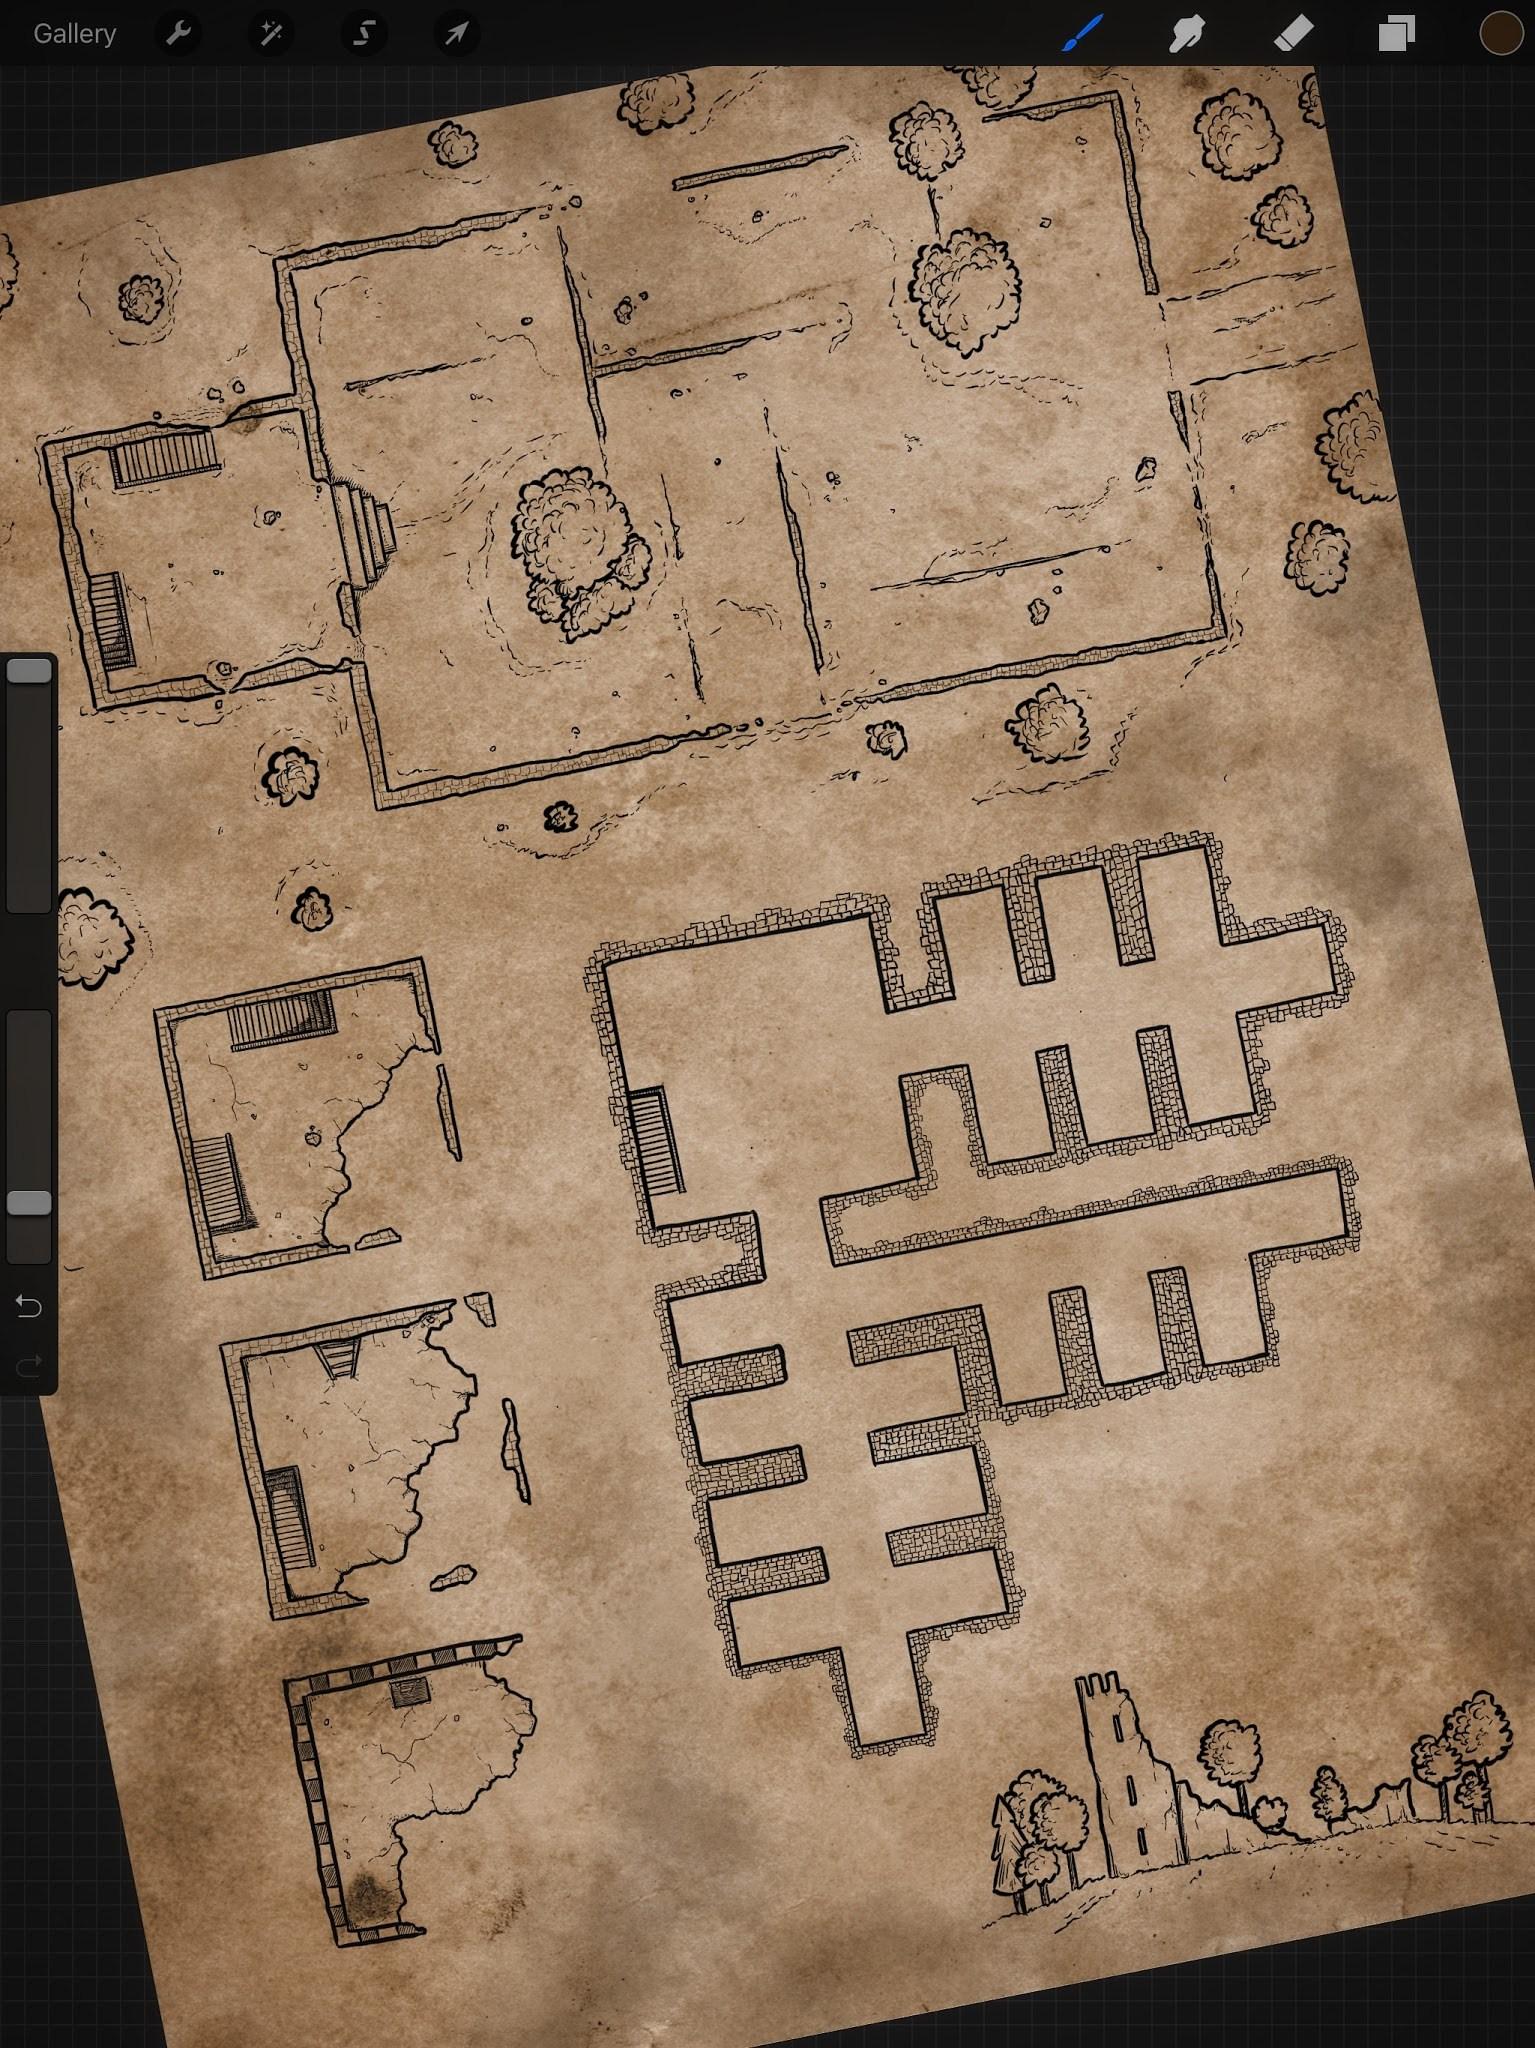 Mapa-de-las-antiguas-ruinas-del-tempo-de-Par-Lindstrom-el-pacto-de-hierro